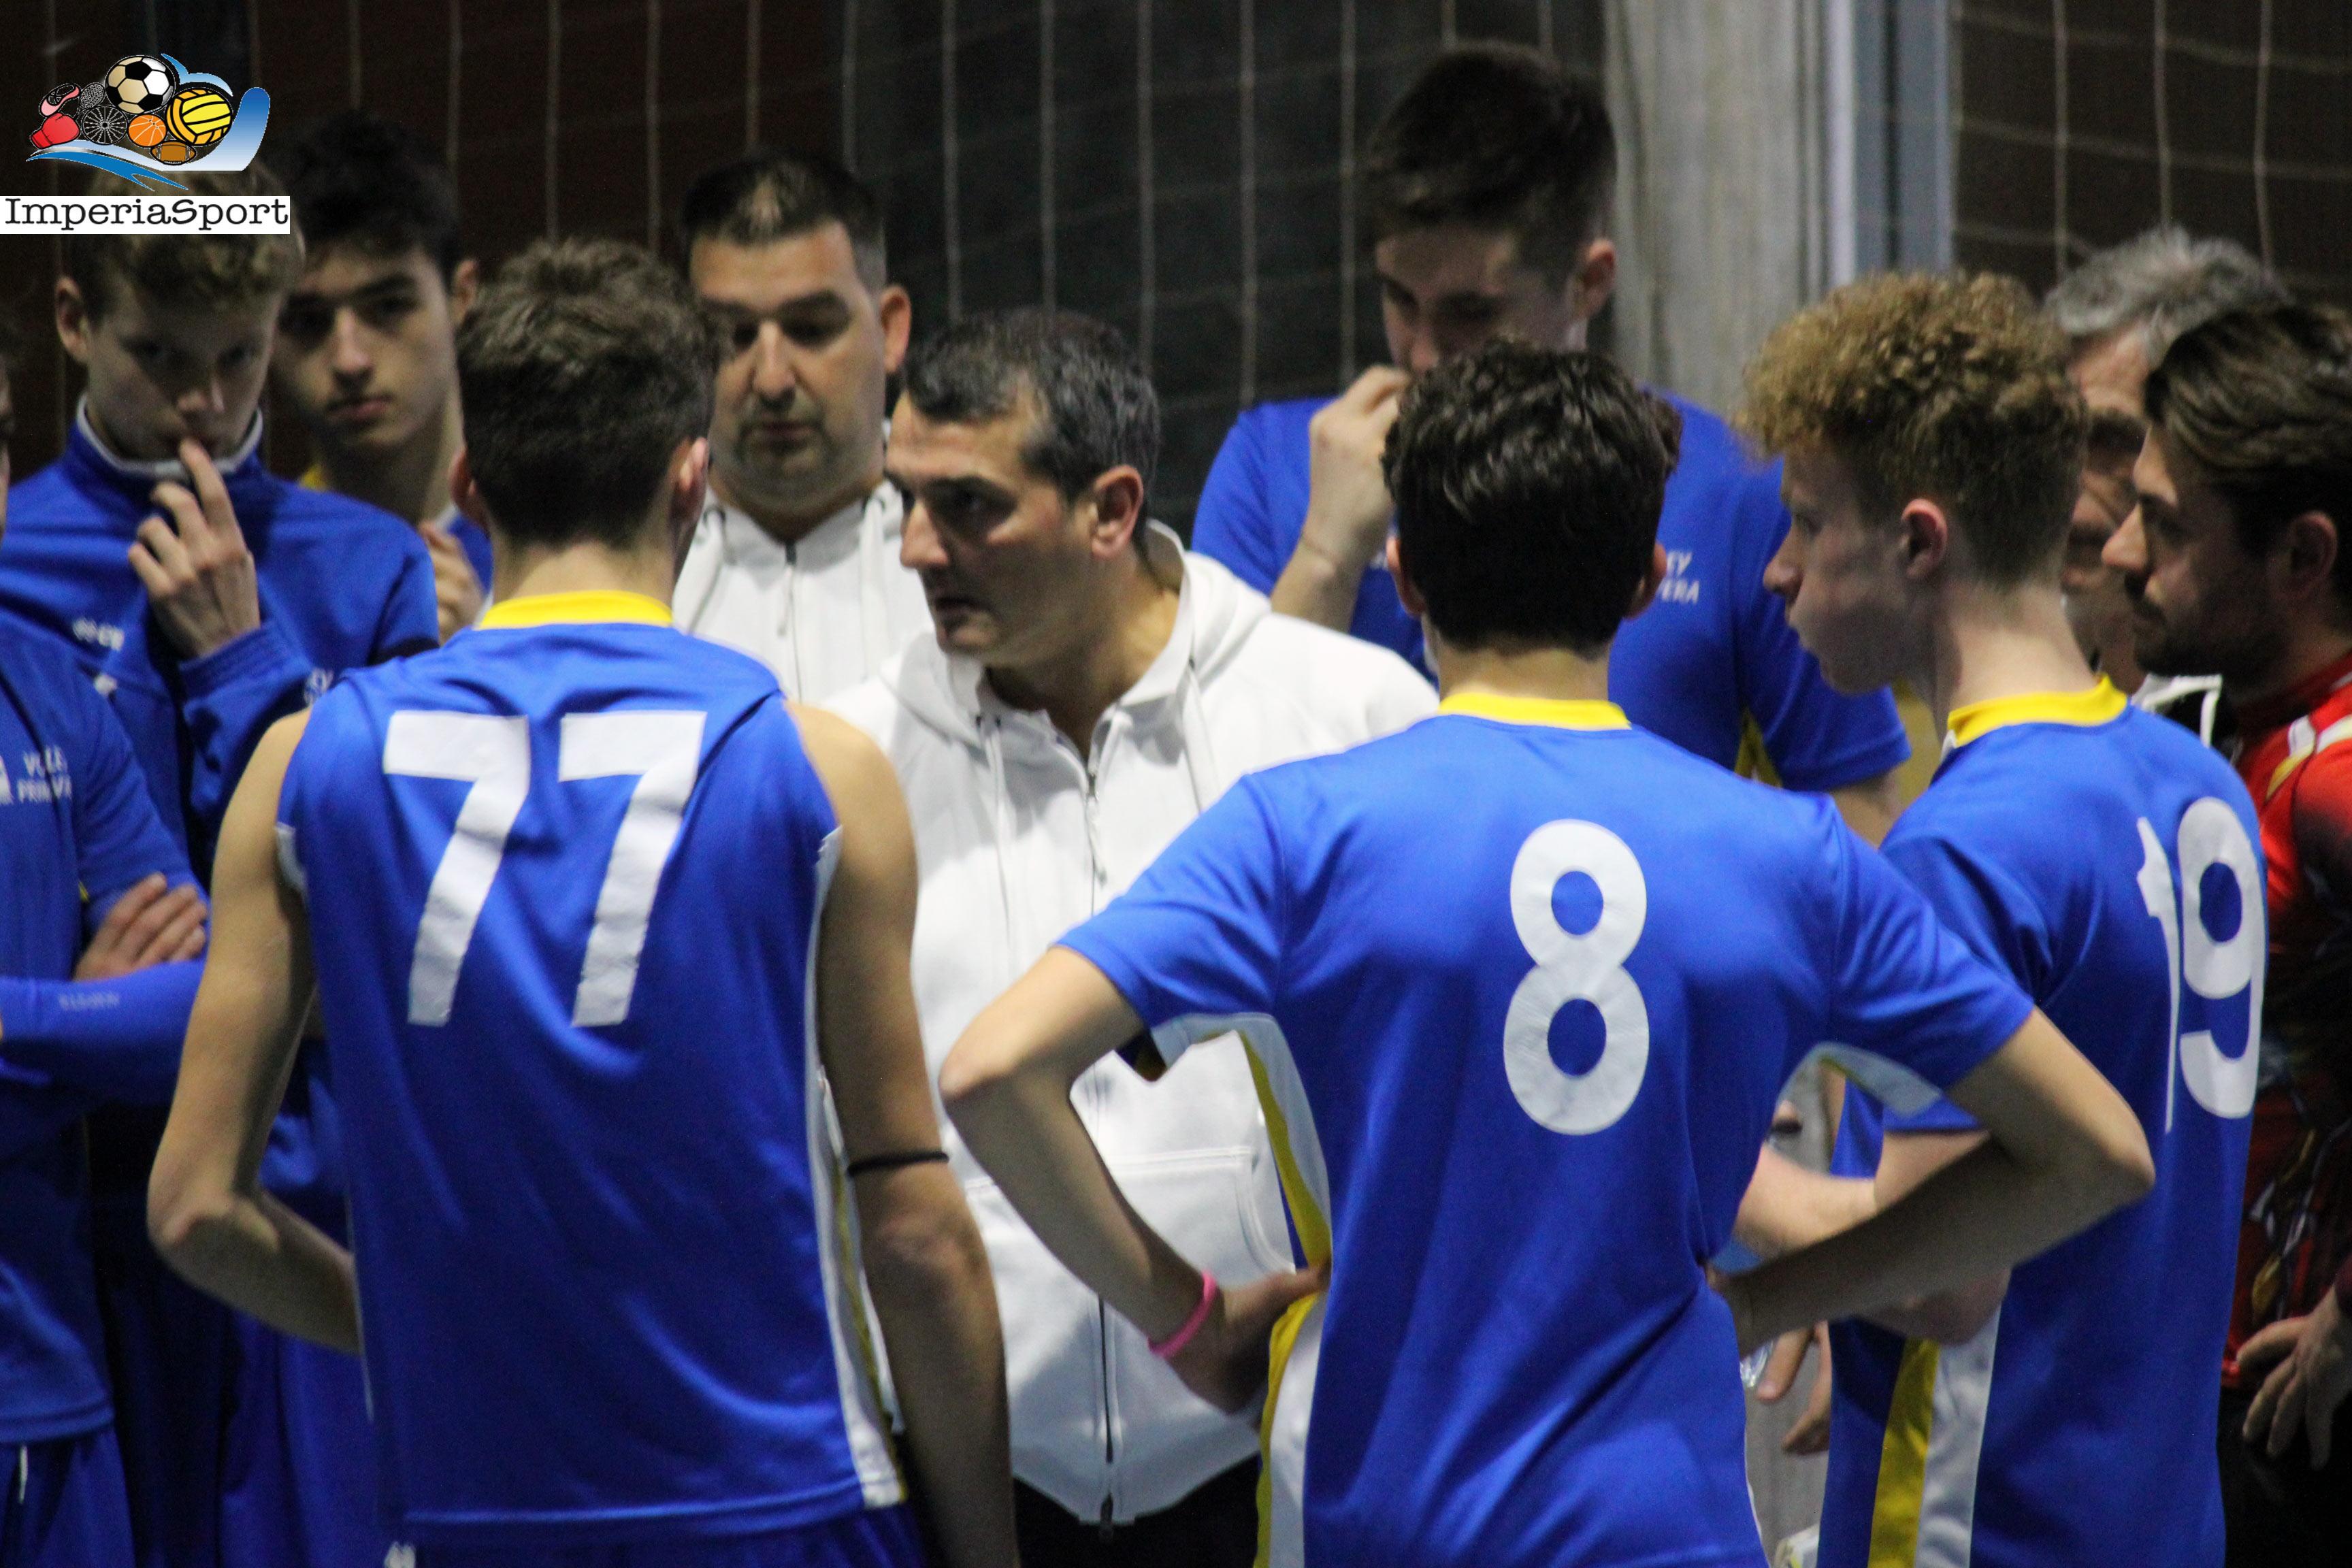 Pallavolo Serie A Maschile Calendario.Pallavolo Volley Primavera Coach Canetti Commenta Il